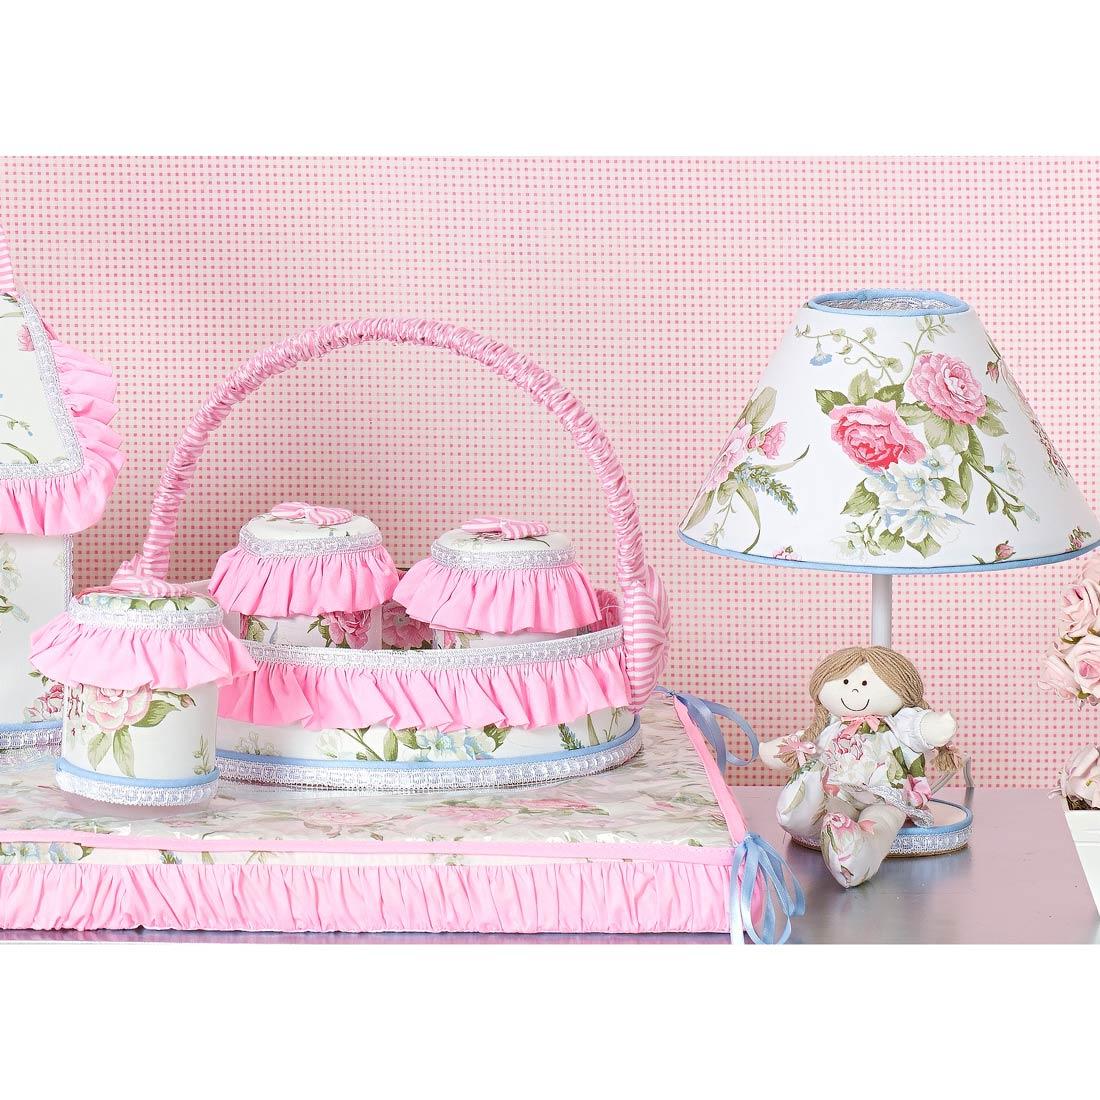 Kit Acessórios com Abajur, Cesta e Potes - Coleção Garden Flowers Rosa